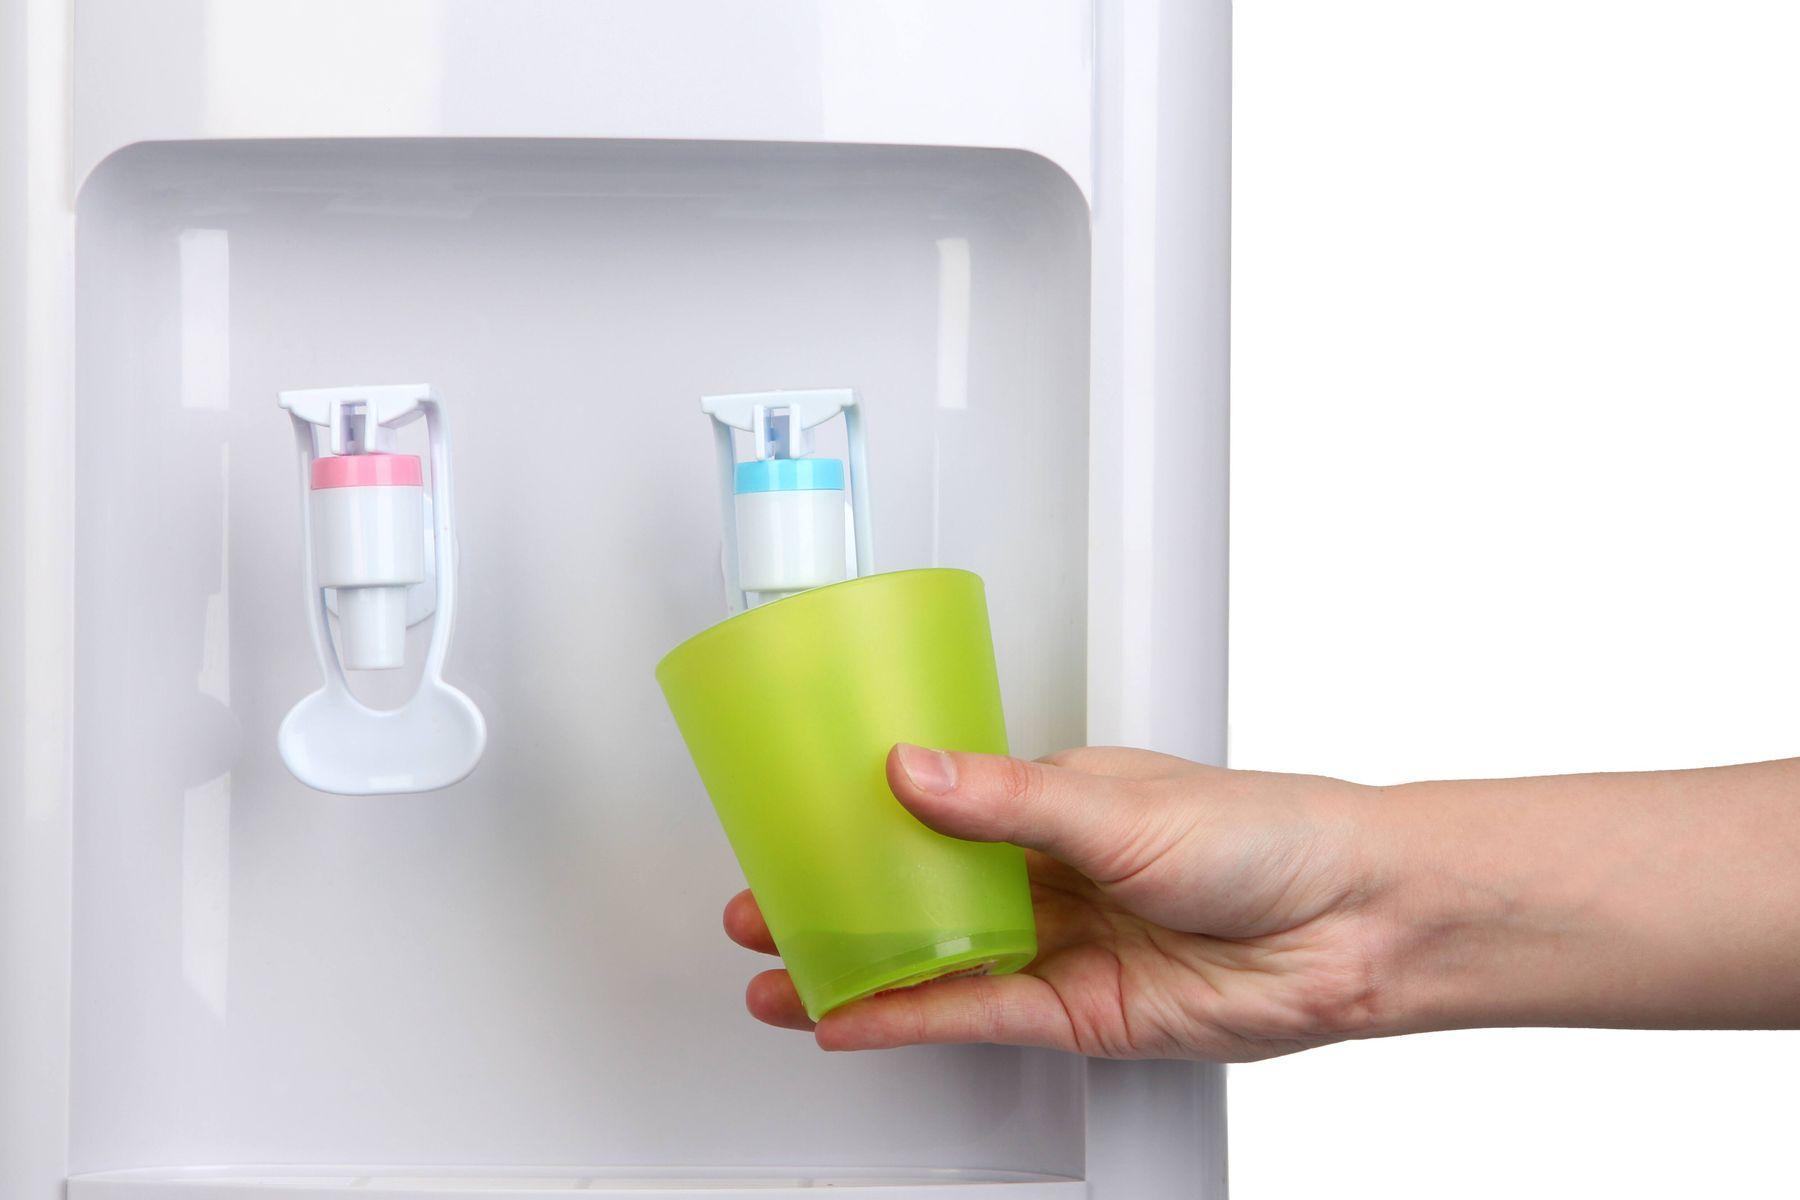 Kinh nghiệm chọn mua và bảo quản máy lạnh được bền lâu